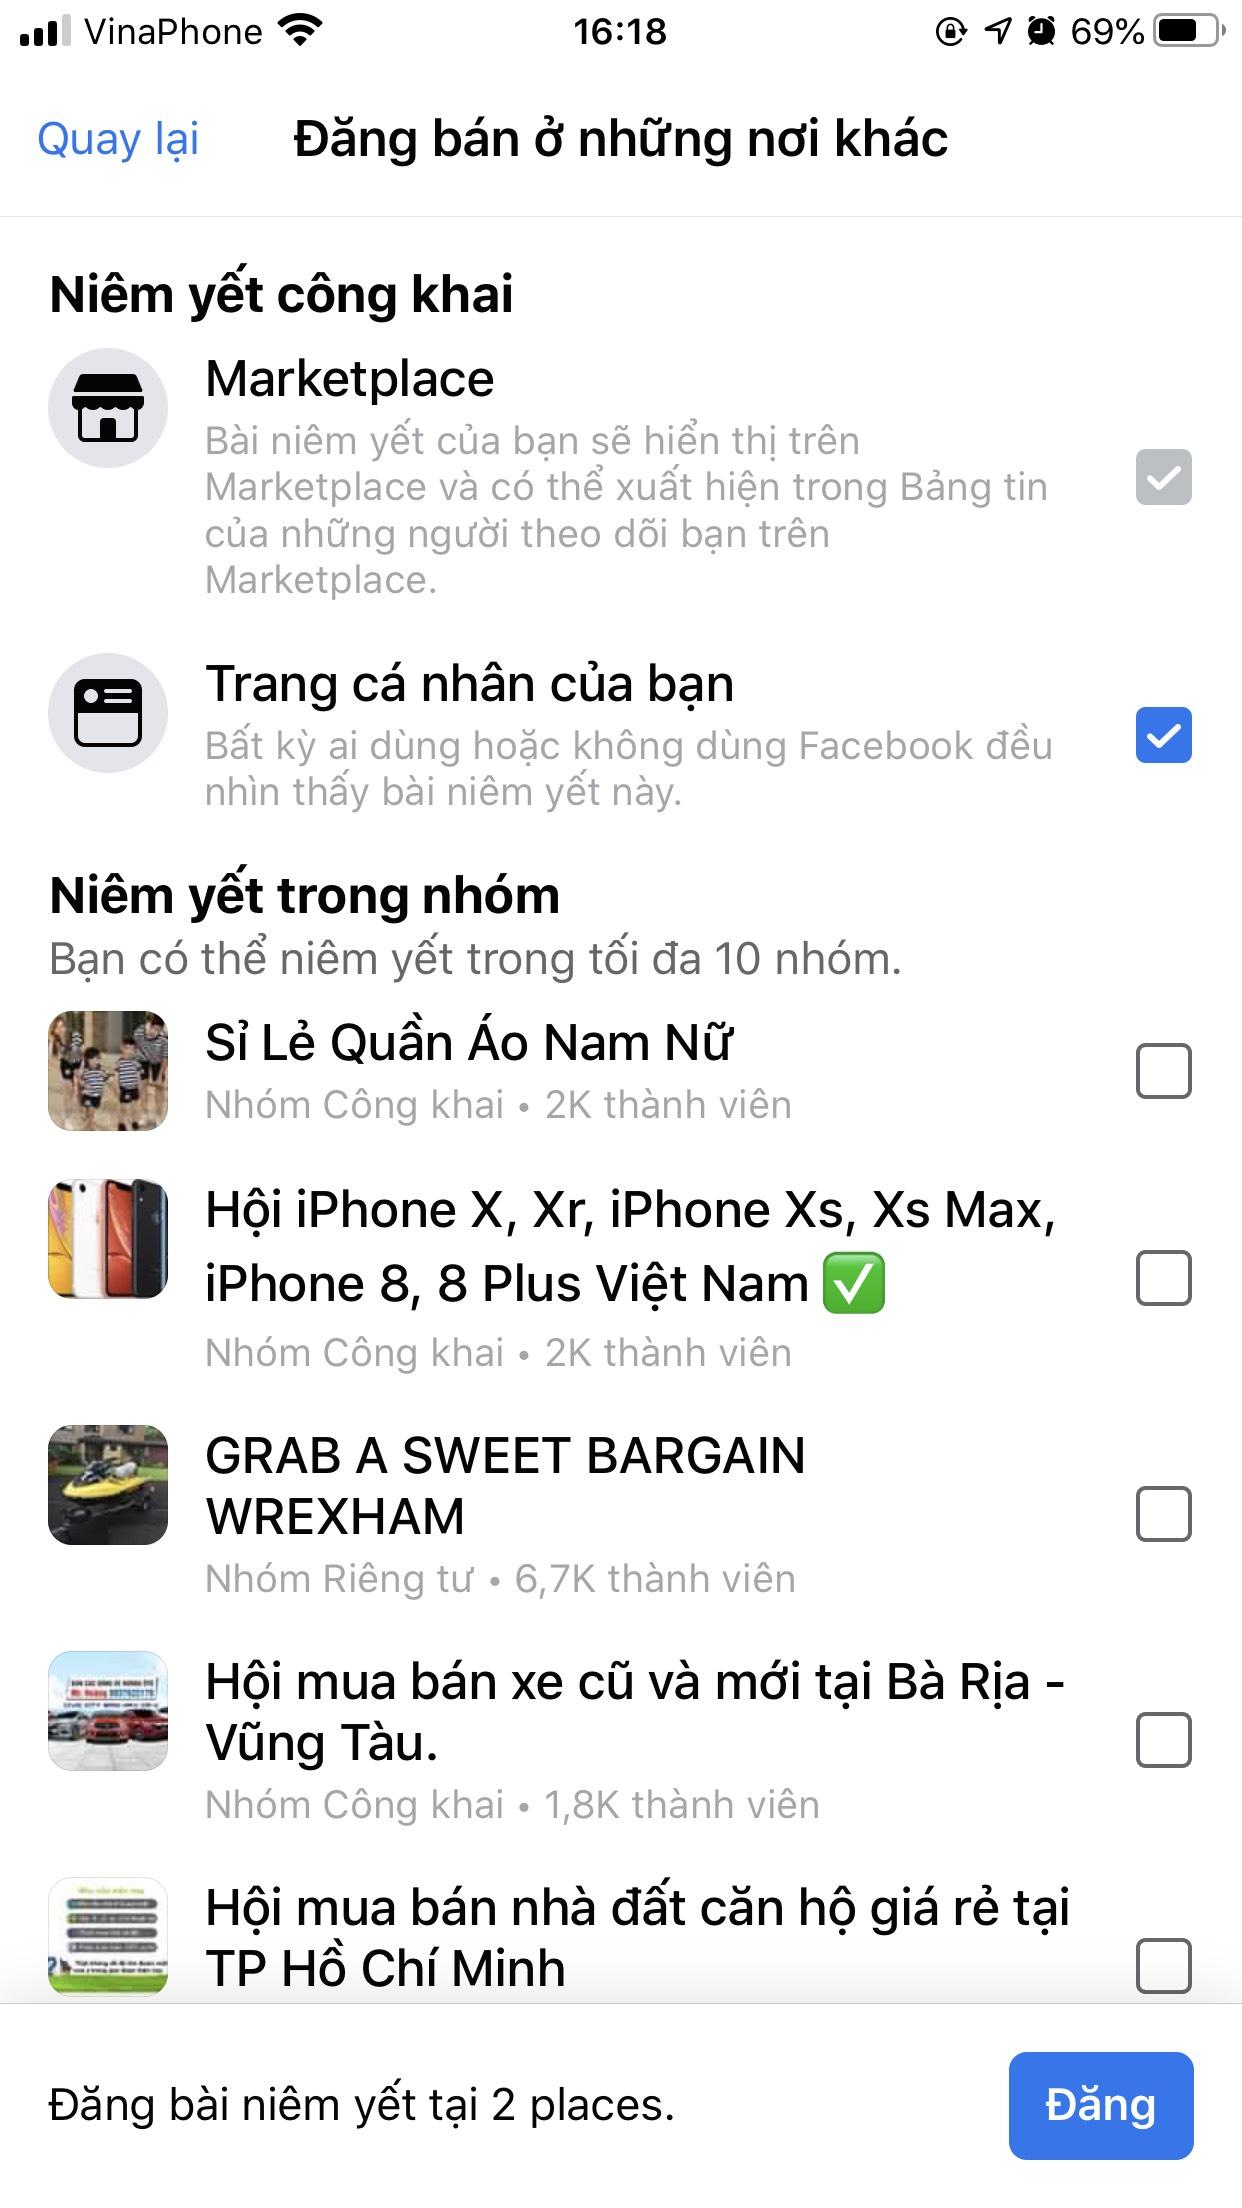 Facebook Marketplace là gì? Cách đăng bài được phê duyệt ngay cập nhật 2021 10